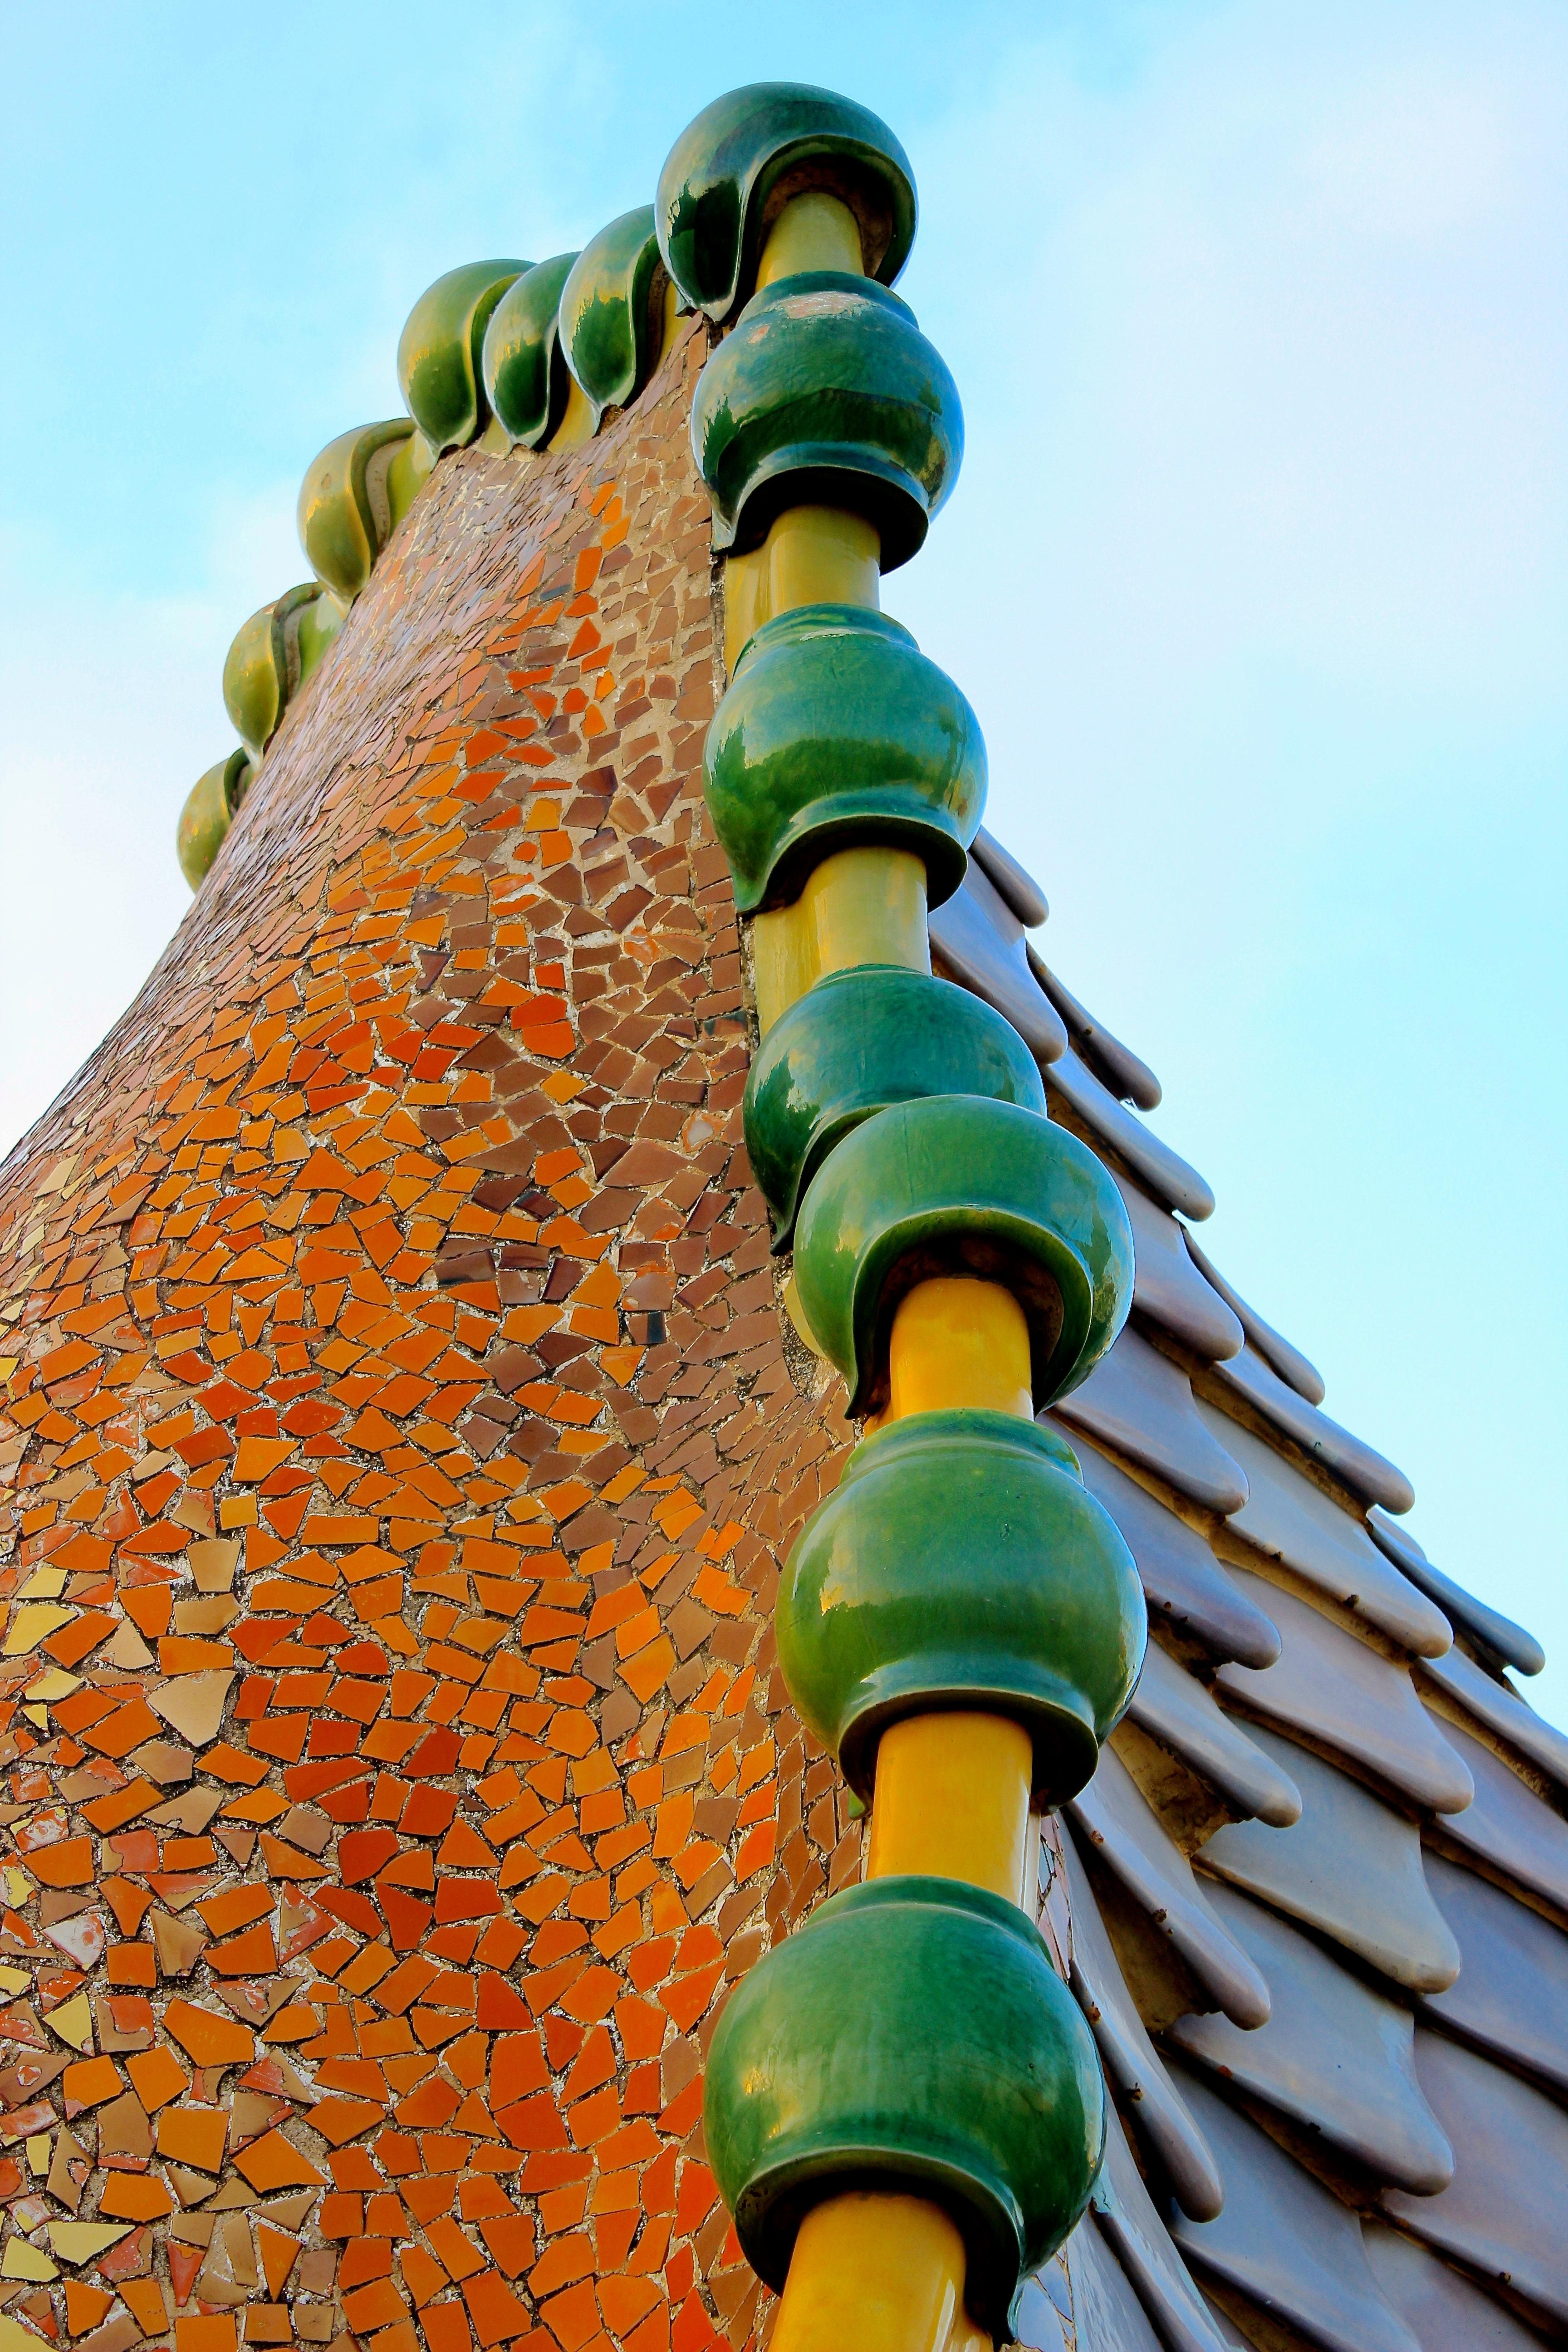 images gratuites architecture vert parc d 39 attractions couleur barcelone sculpture art. Black Bedroom Furniture Sets. Home Design Ideas